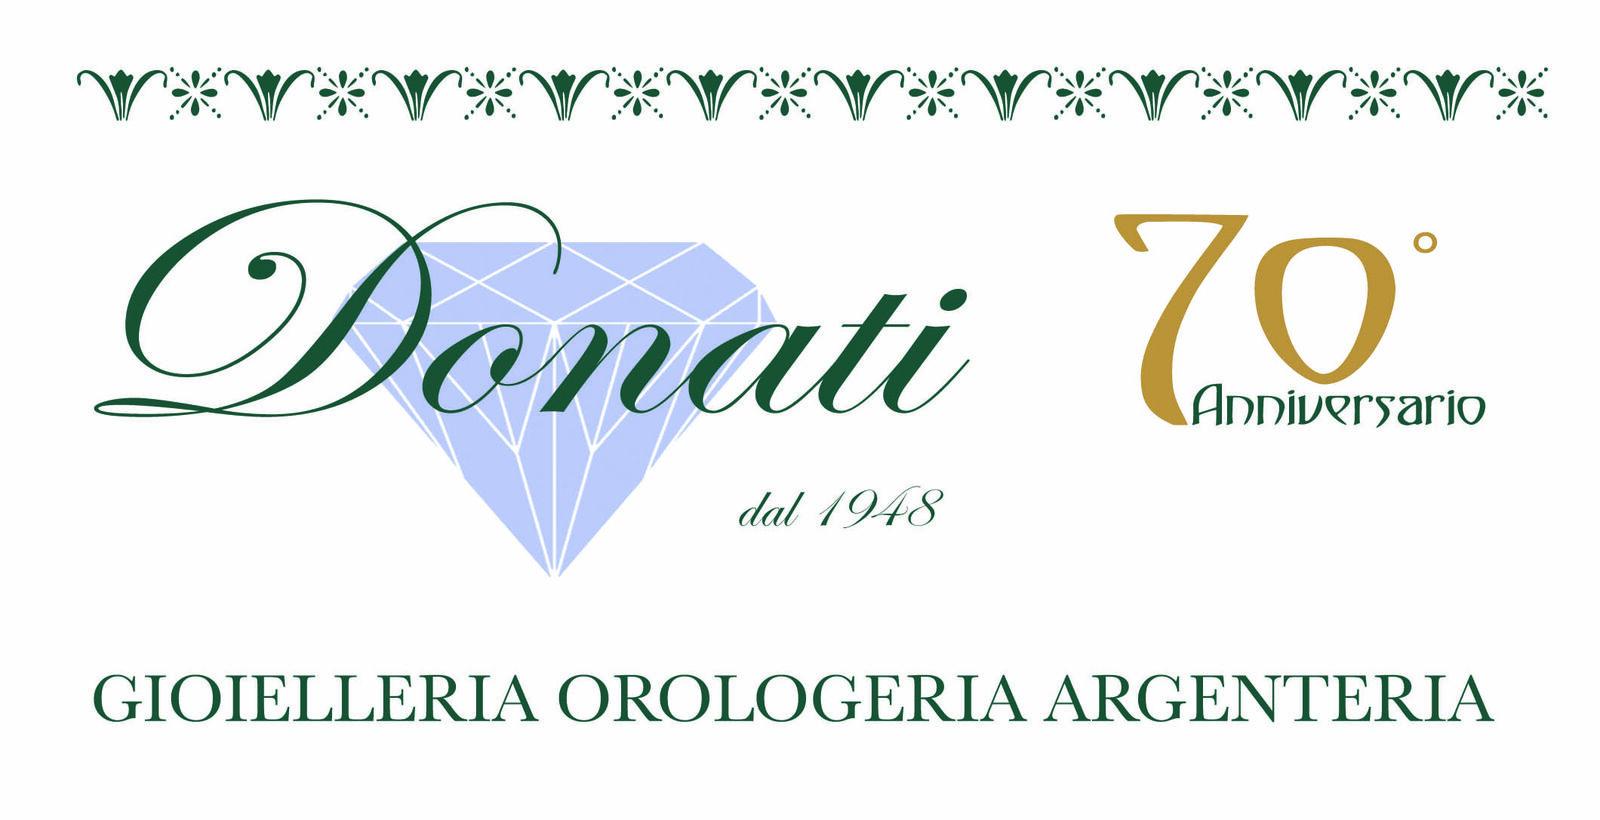 Oreficeria Donati Faenza dal 1948